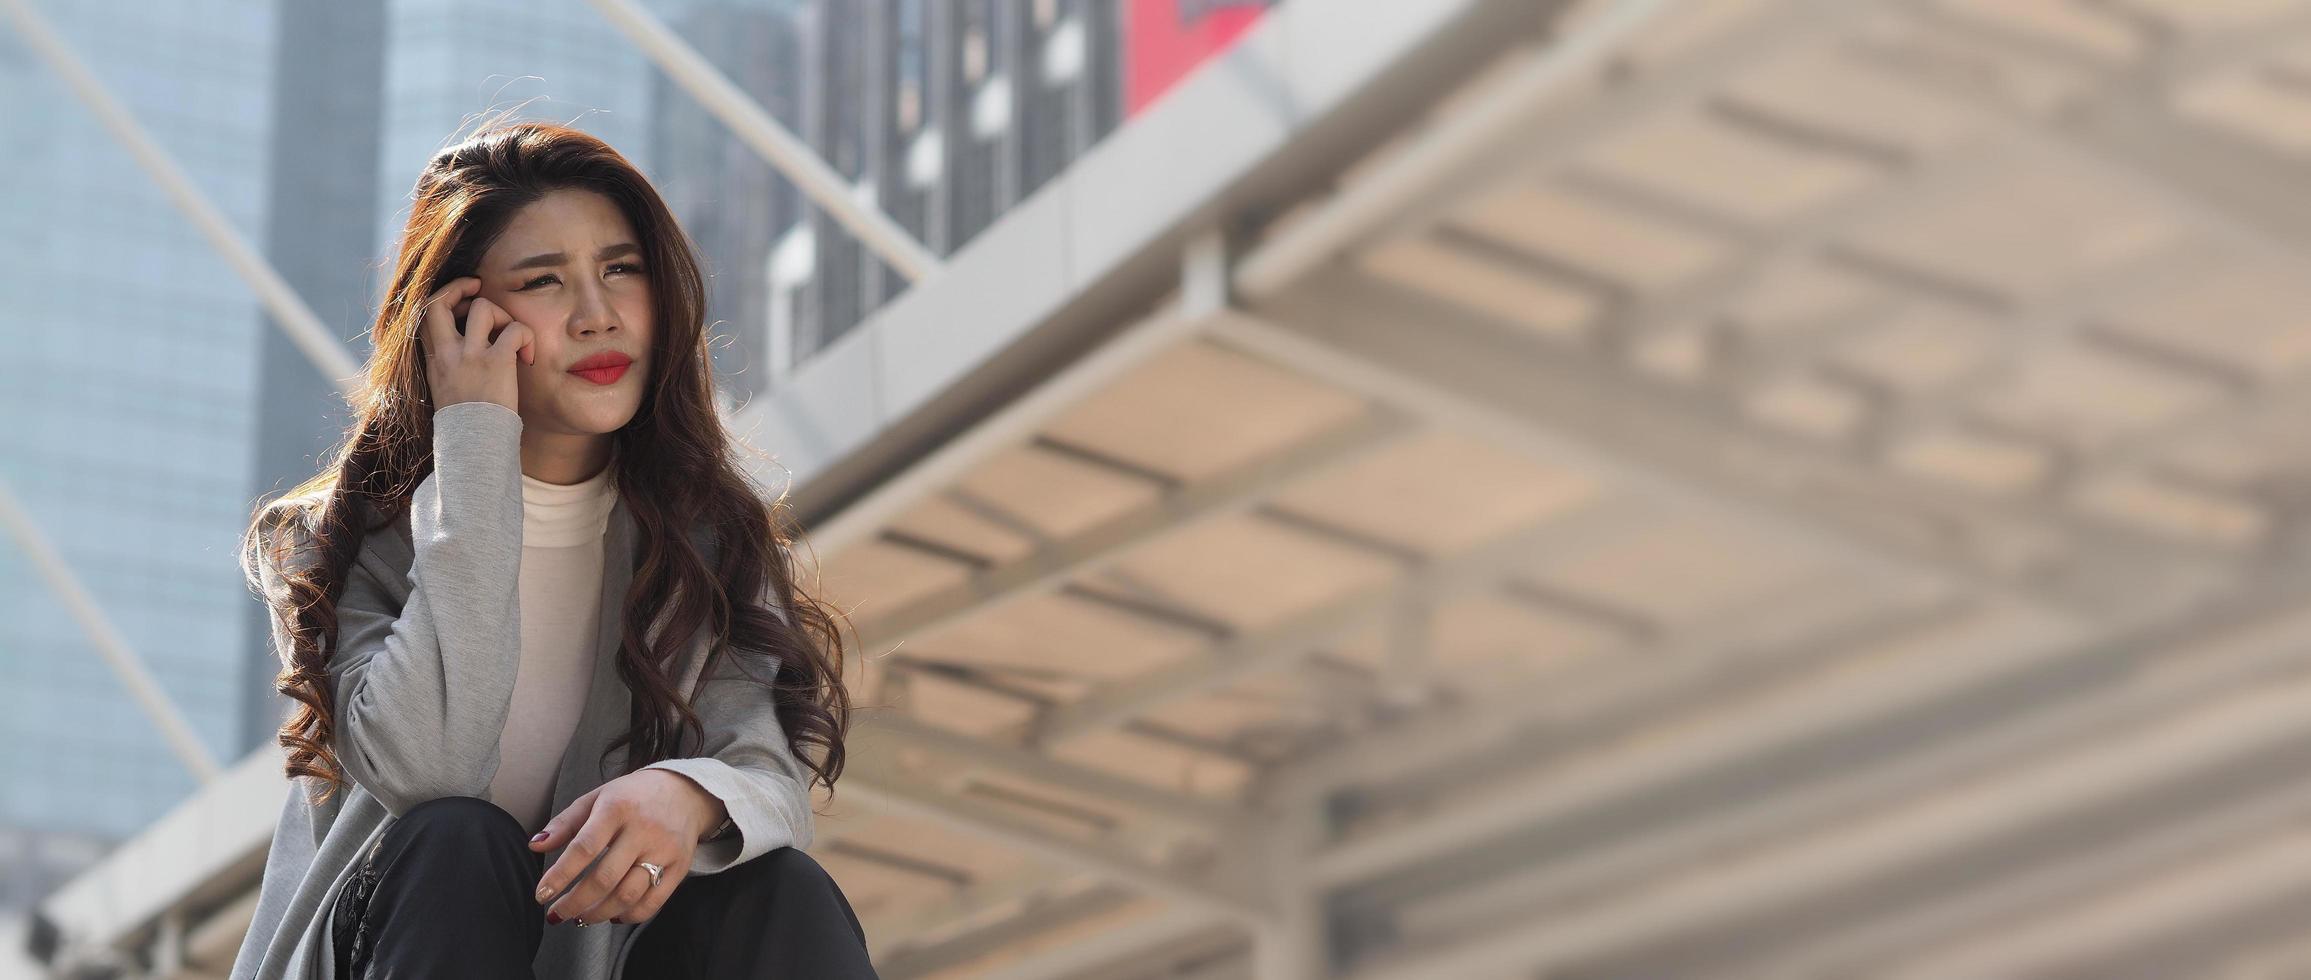 tempo di sosta. licenziato. donna d'affari licenziata seduta sulle scale dell'edificio per uffici all'esterno. foto